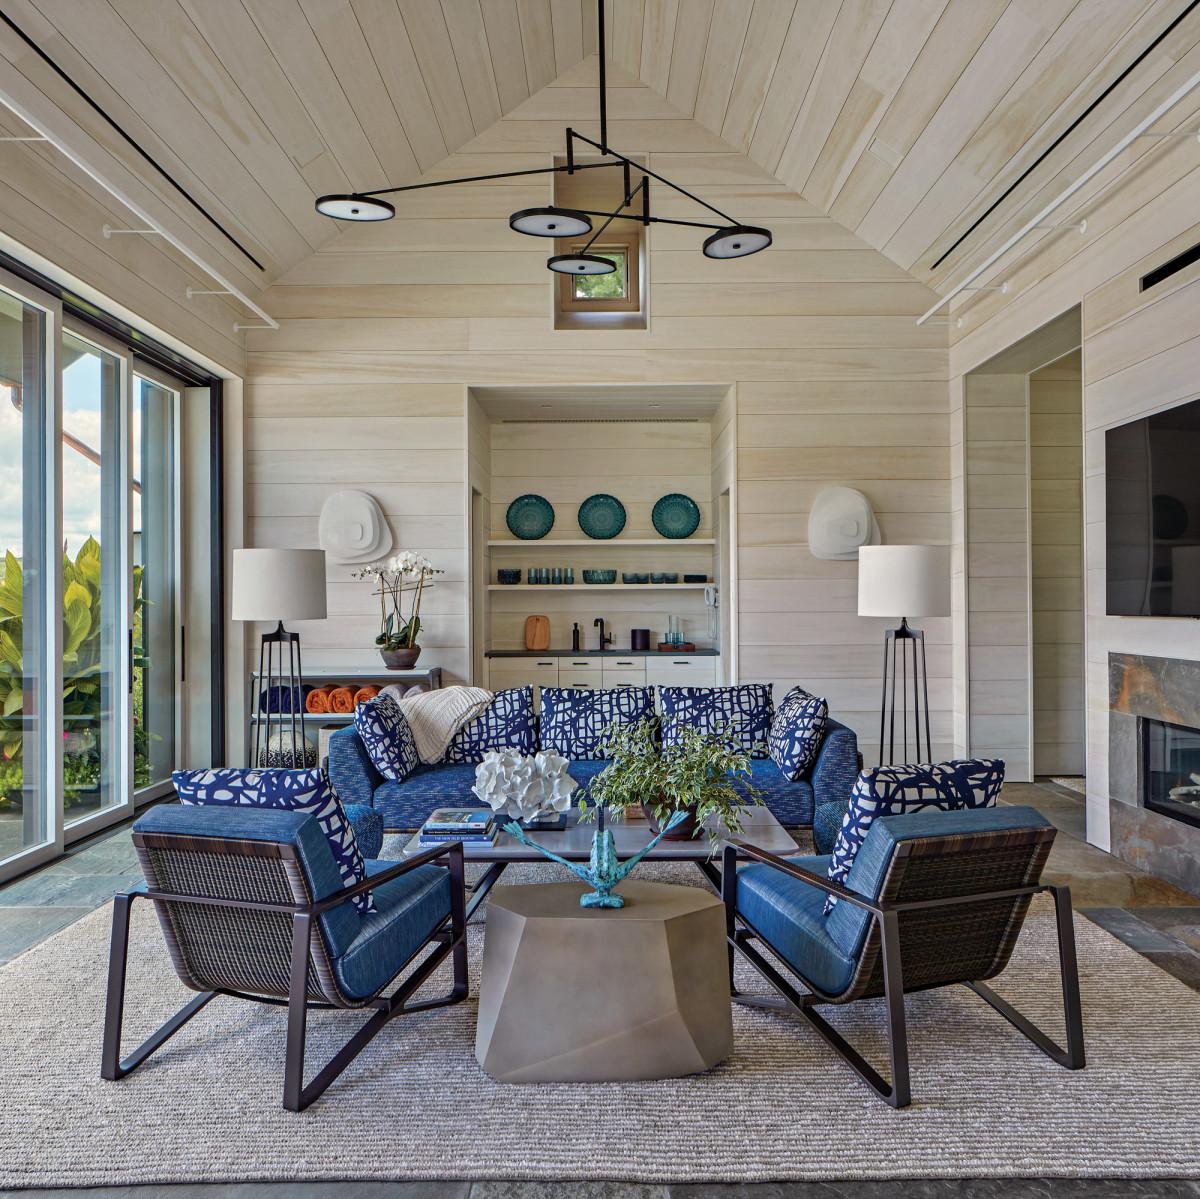 Washington Poolhouse, Haver & Skolnick Architects